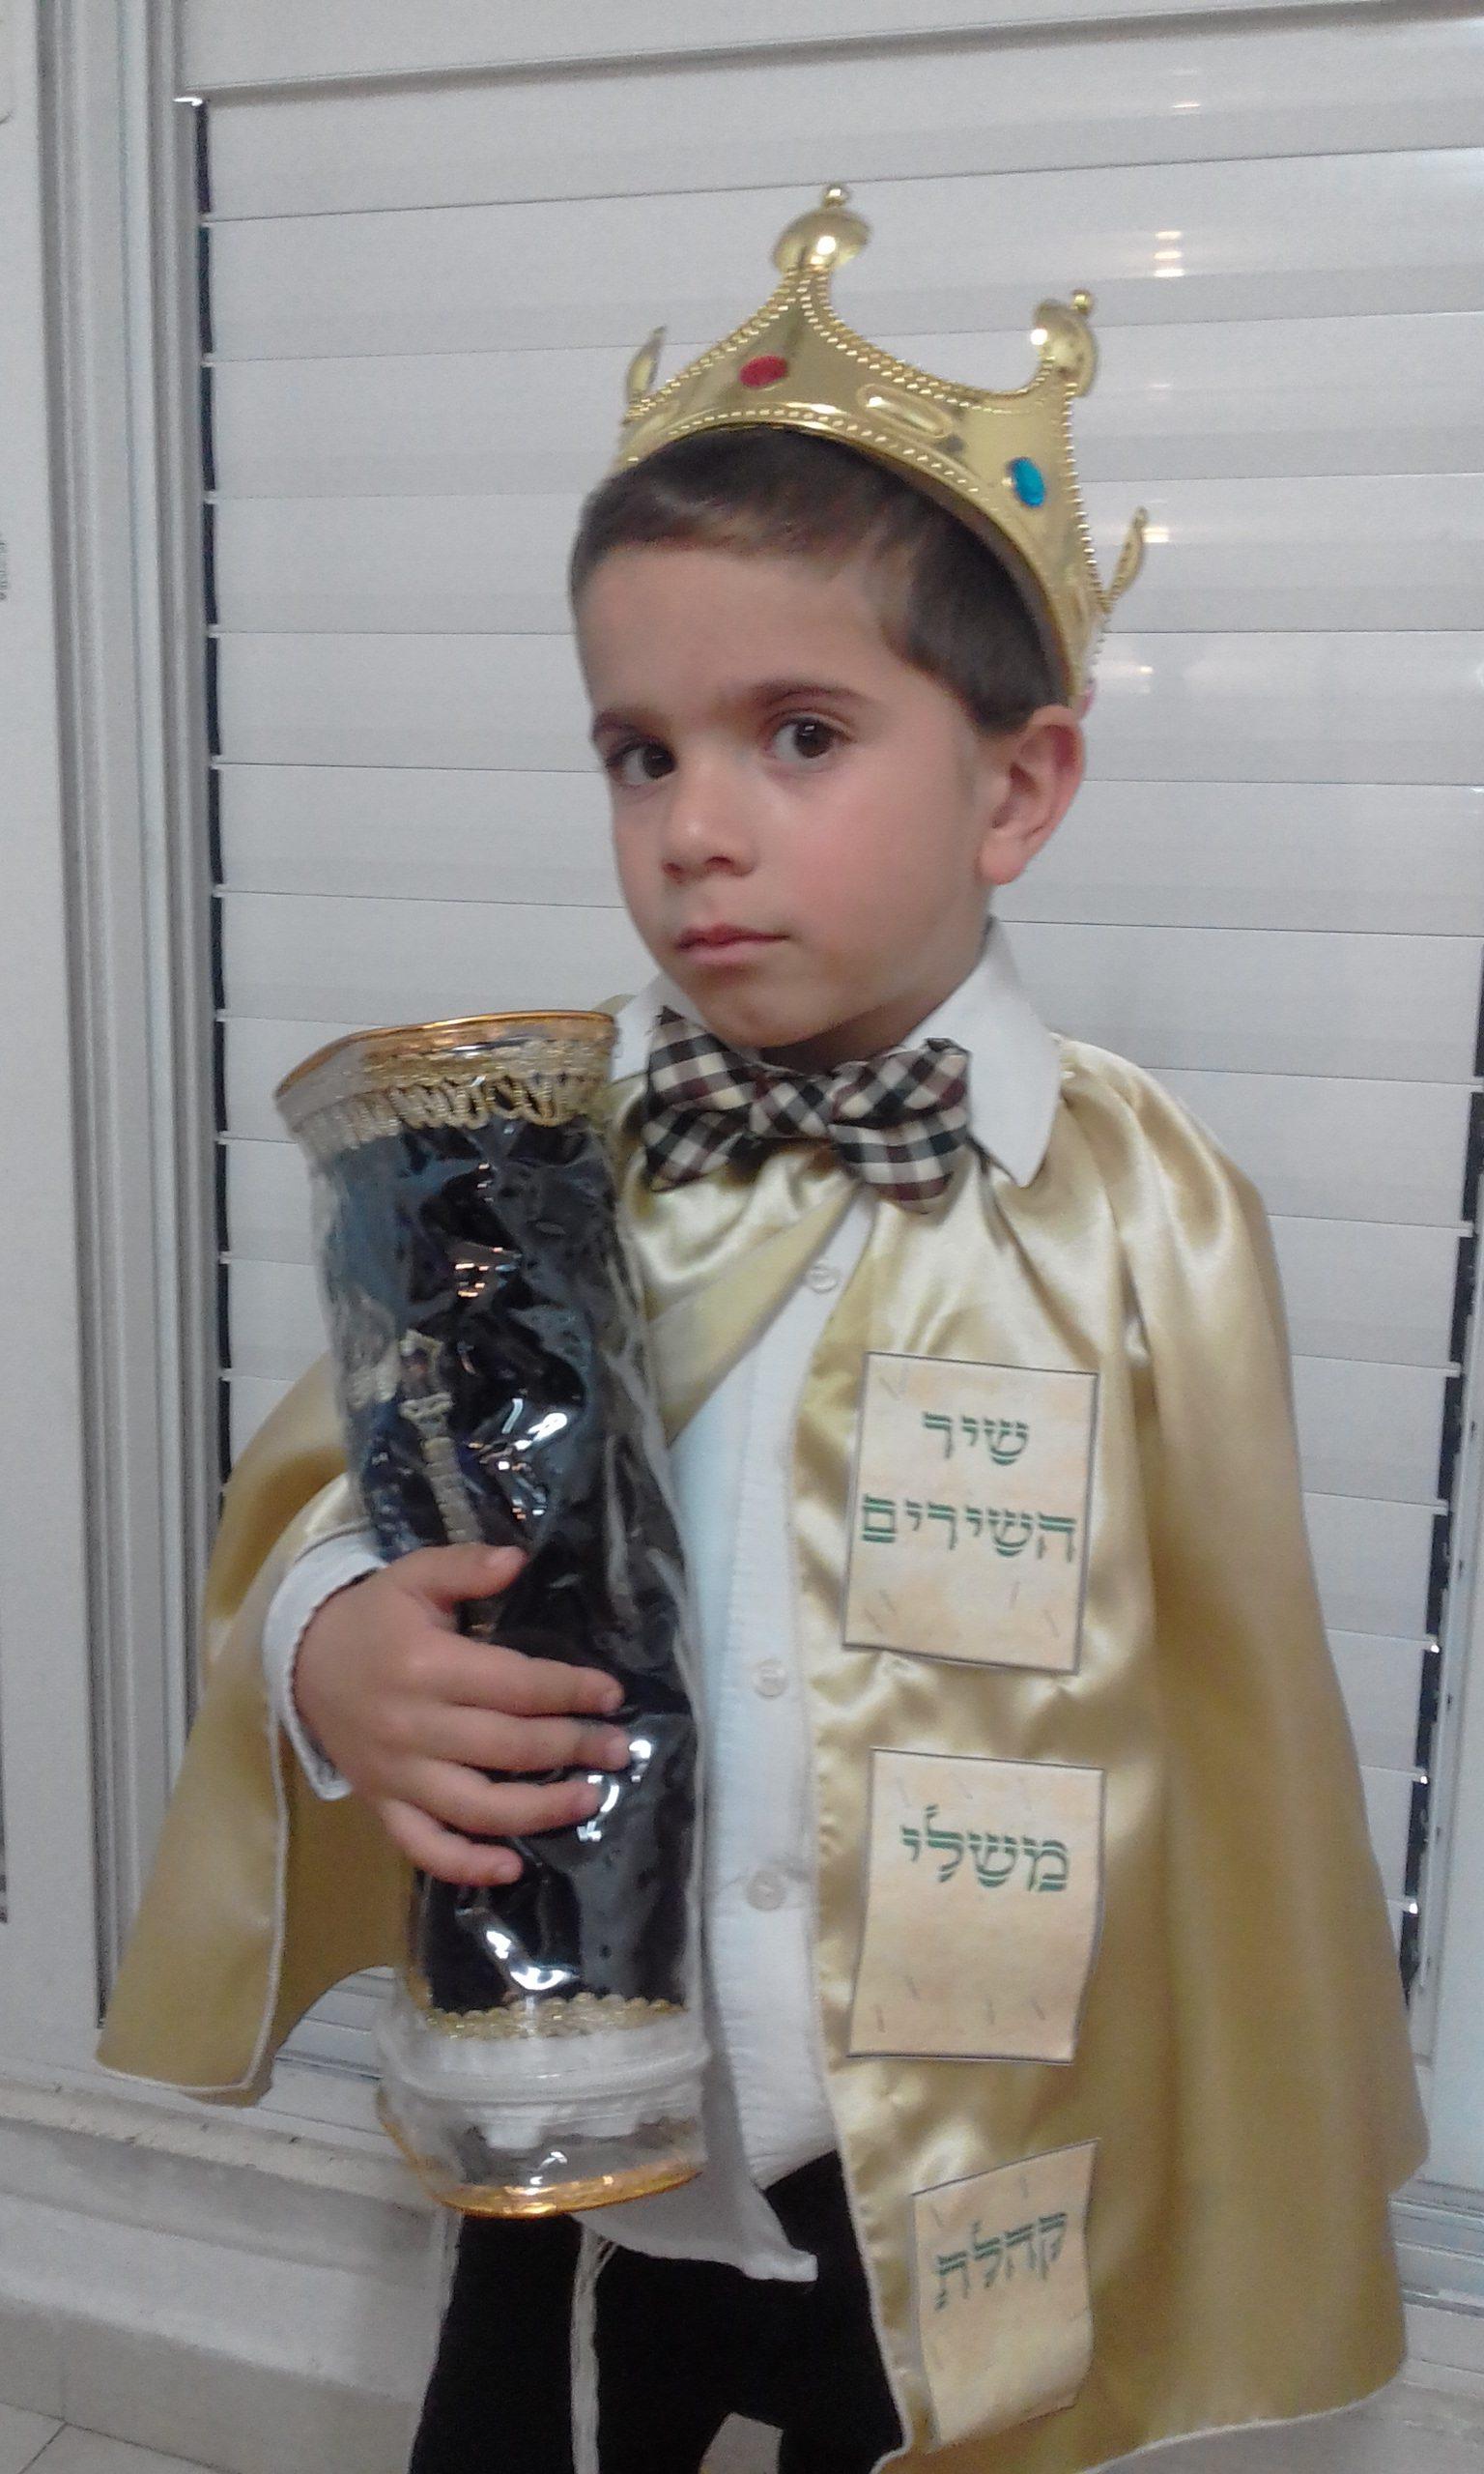 112 - תחפושת דוד המלך מאת נעמה נקר